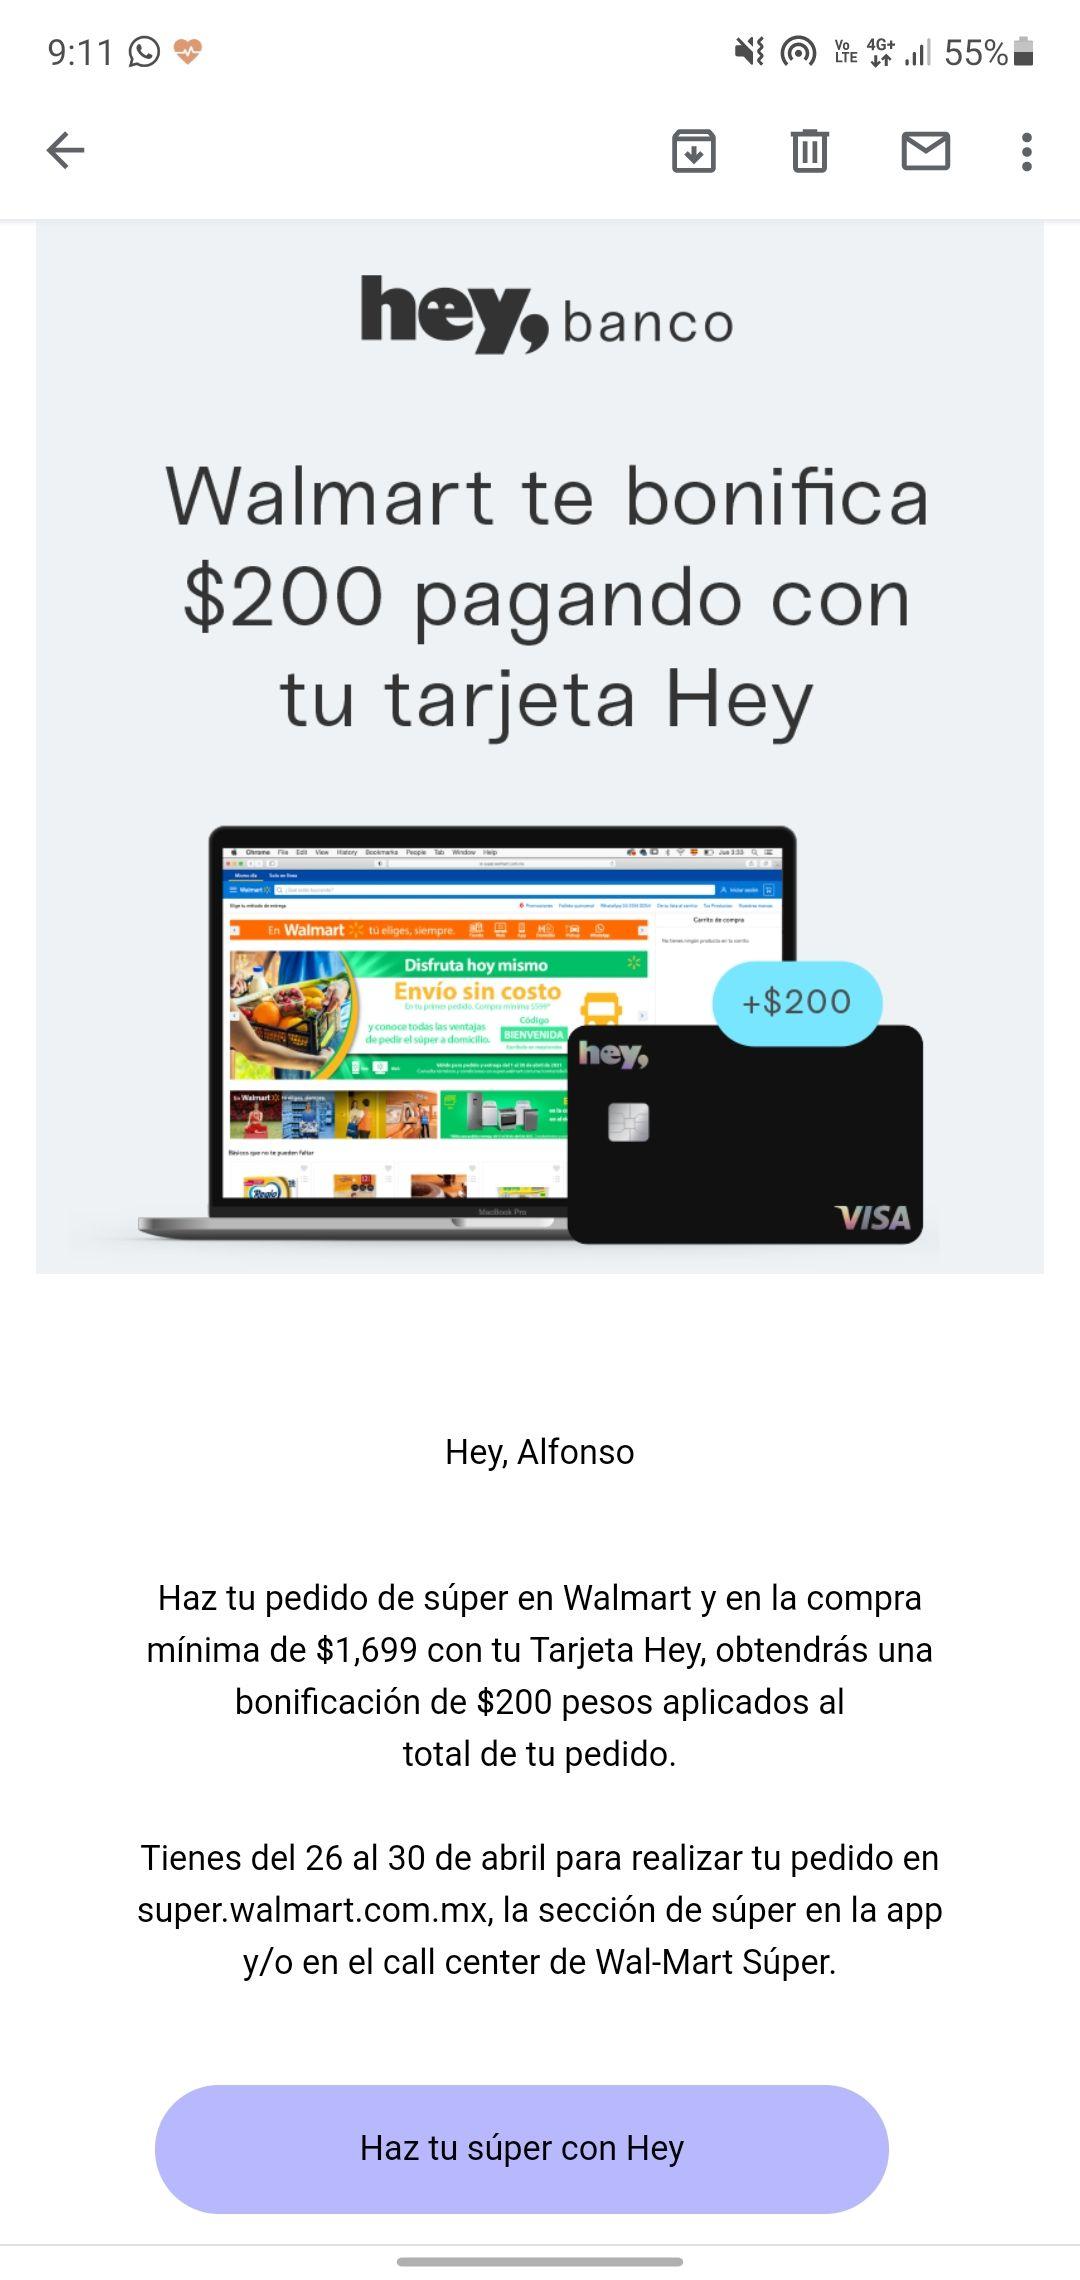 Walmart: Bonificacion de $200 al realizar tu super de $1699 con Hey Banco